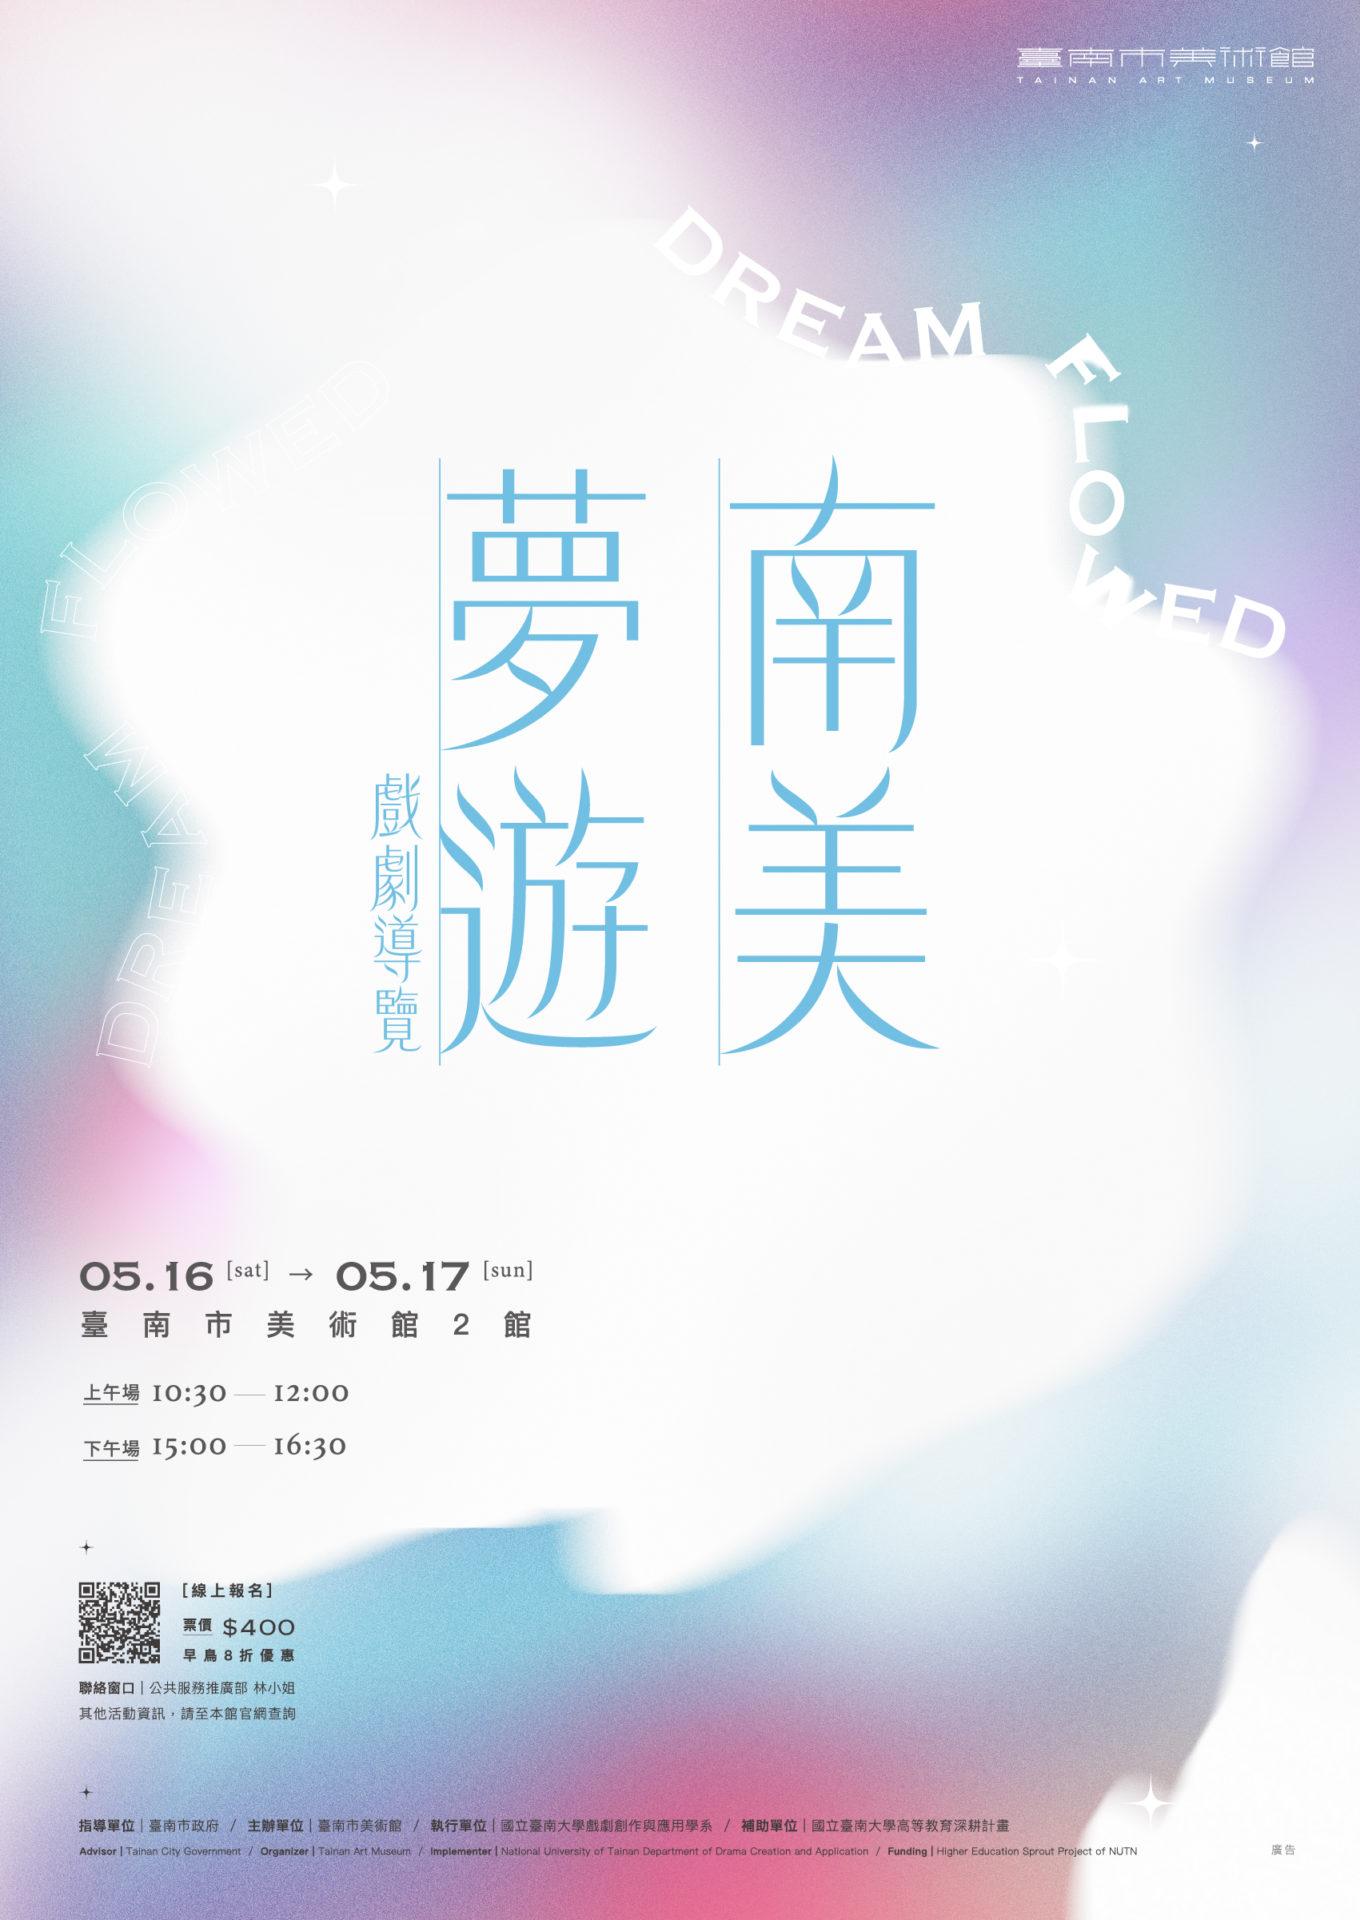 臺南市美術館:2020/05/16-2020/05/17【南美夢遊.戲劇導覽】